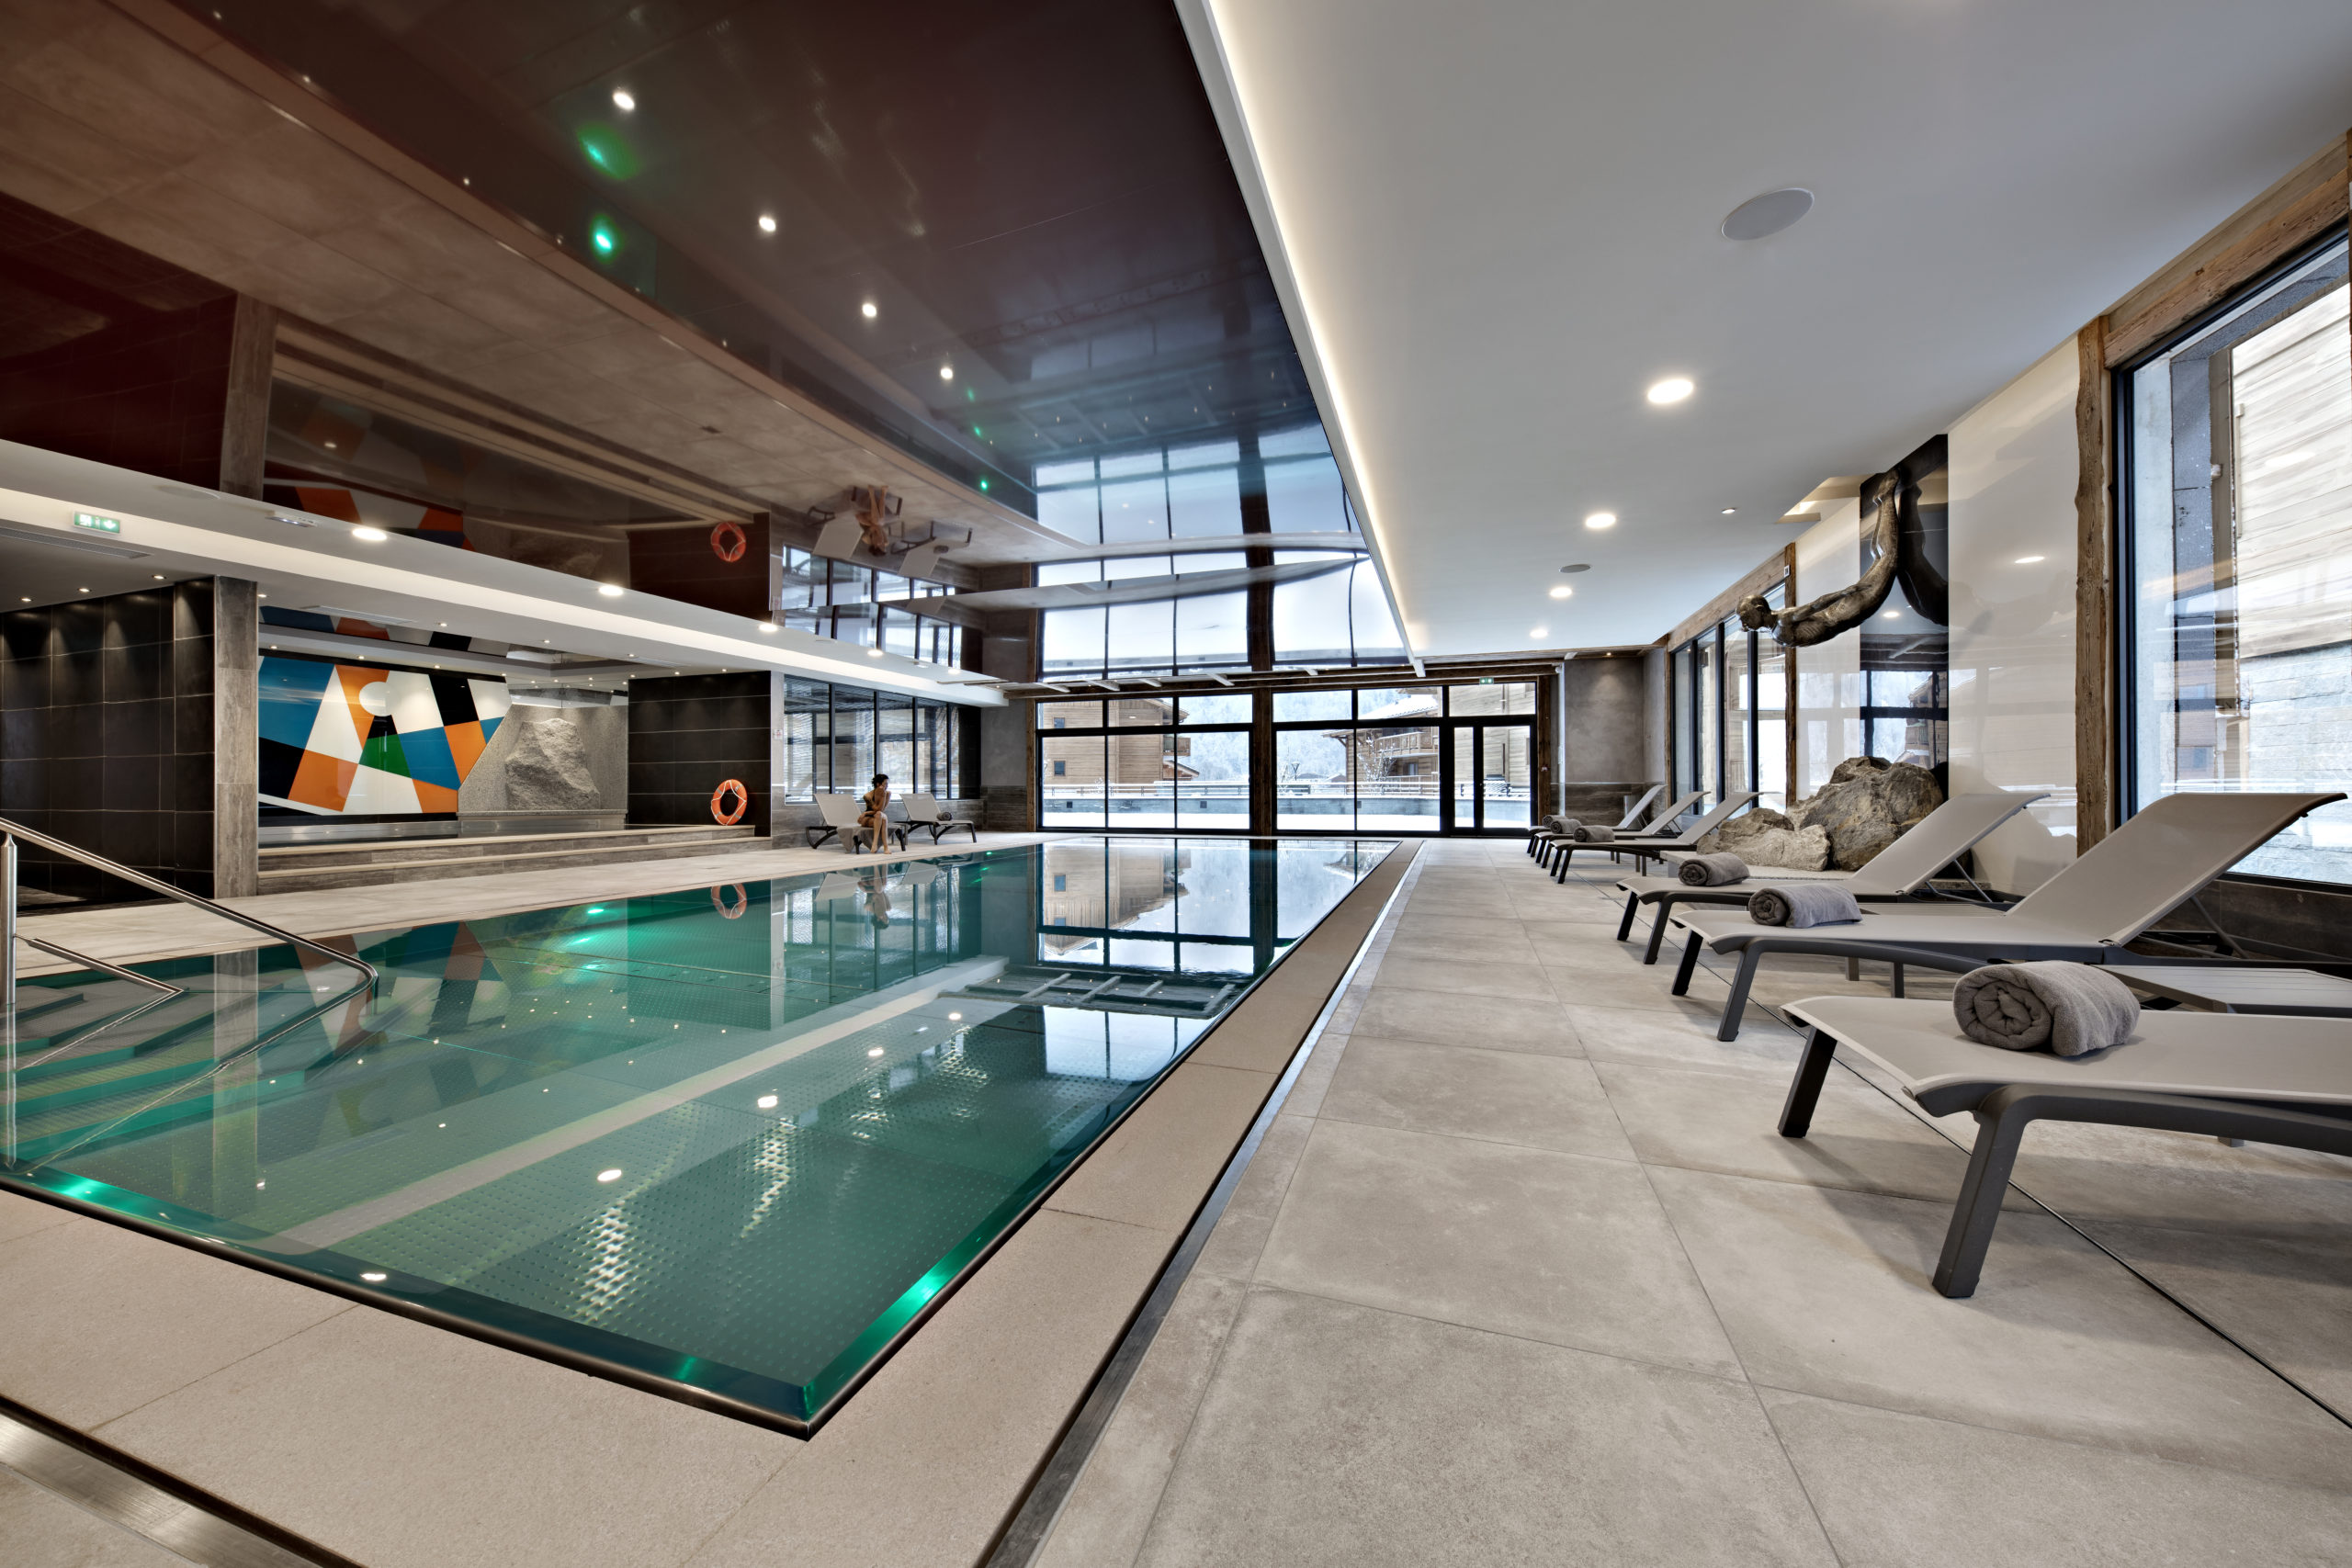 swimming pool at Residence Manaka